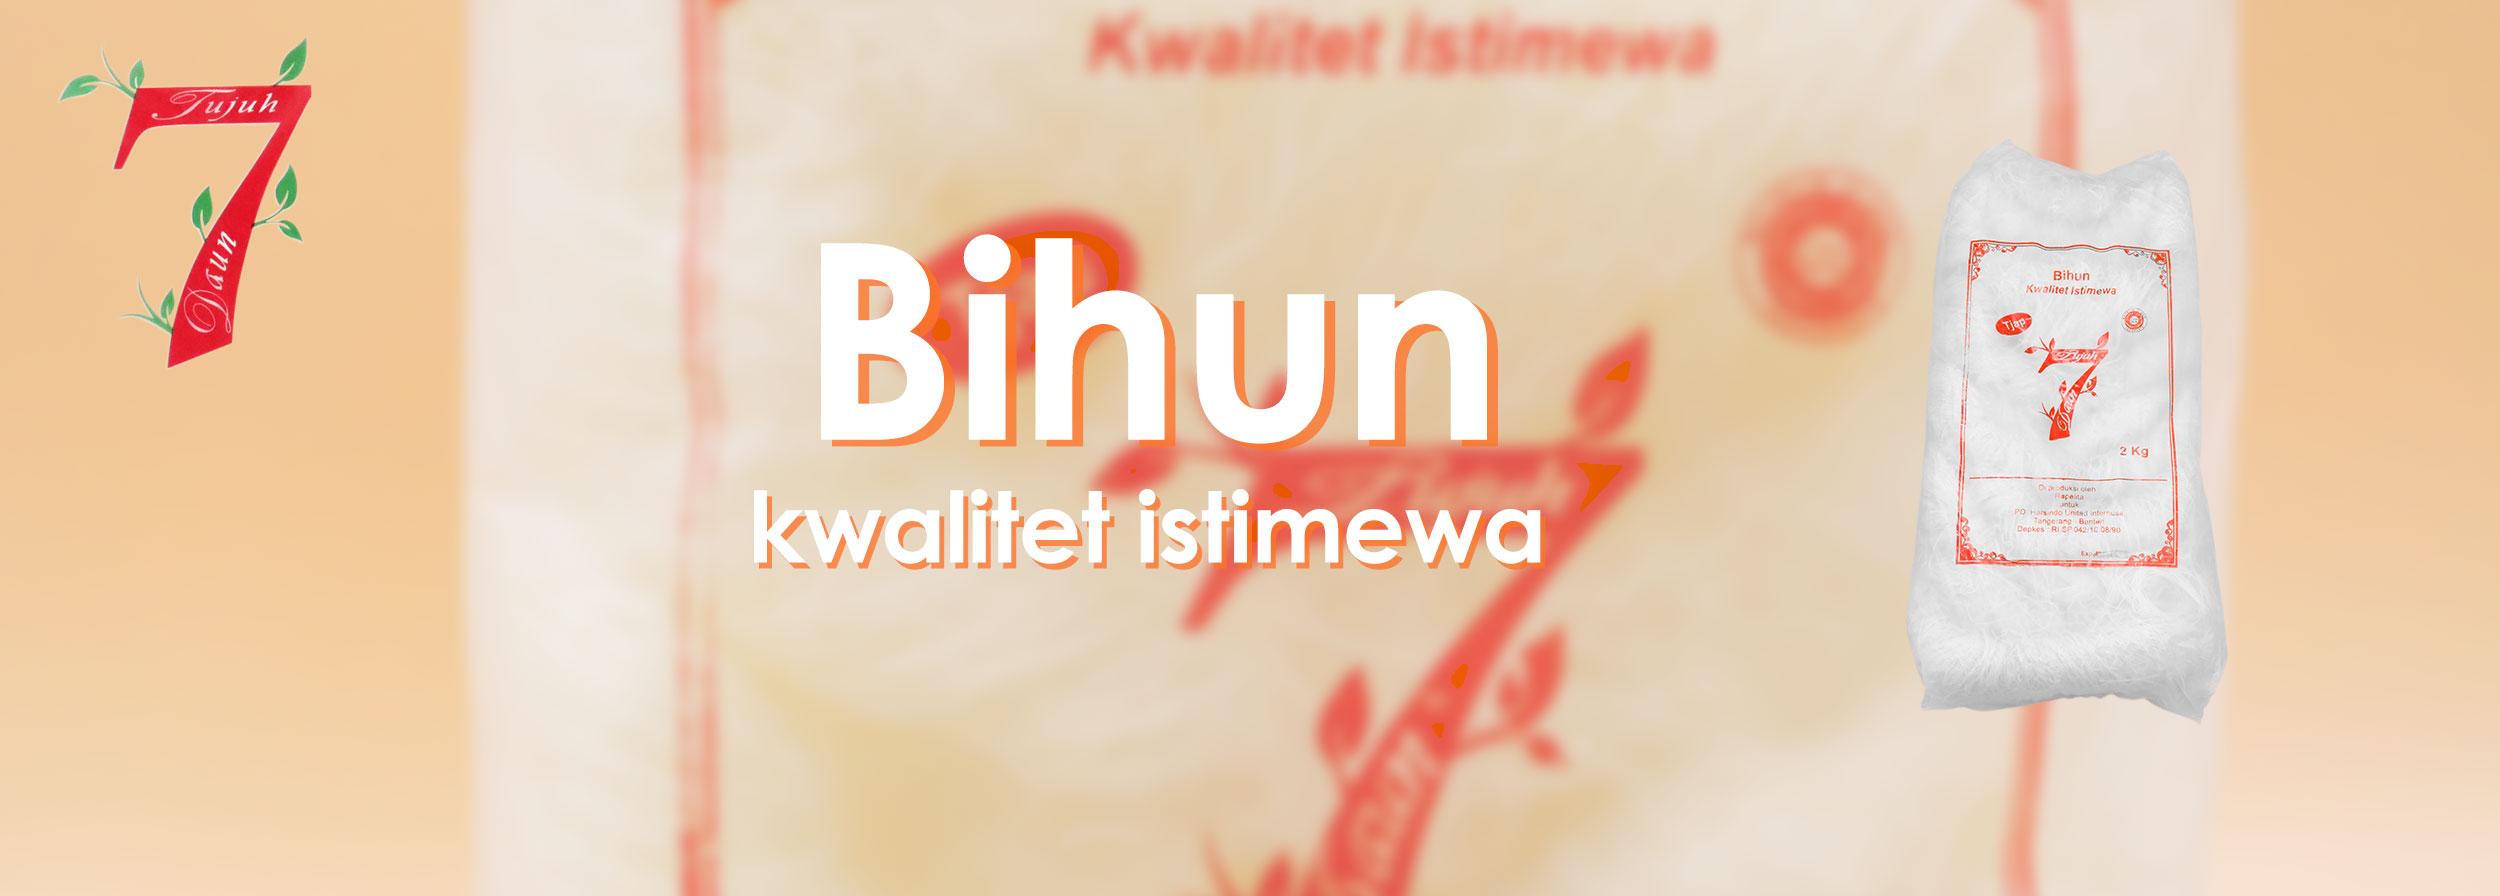 Mie-Bihun-Cap-7-Daun